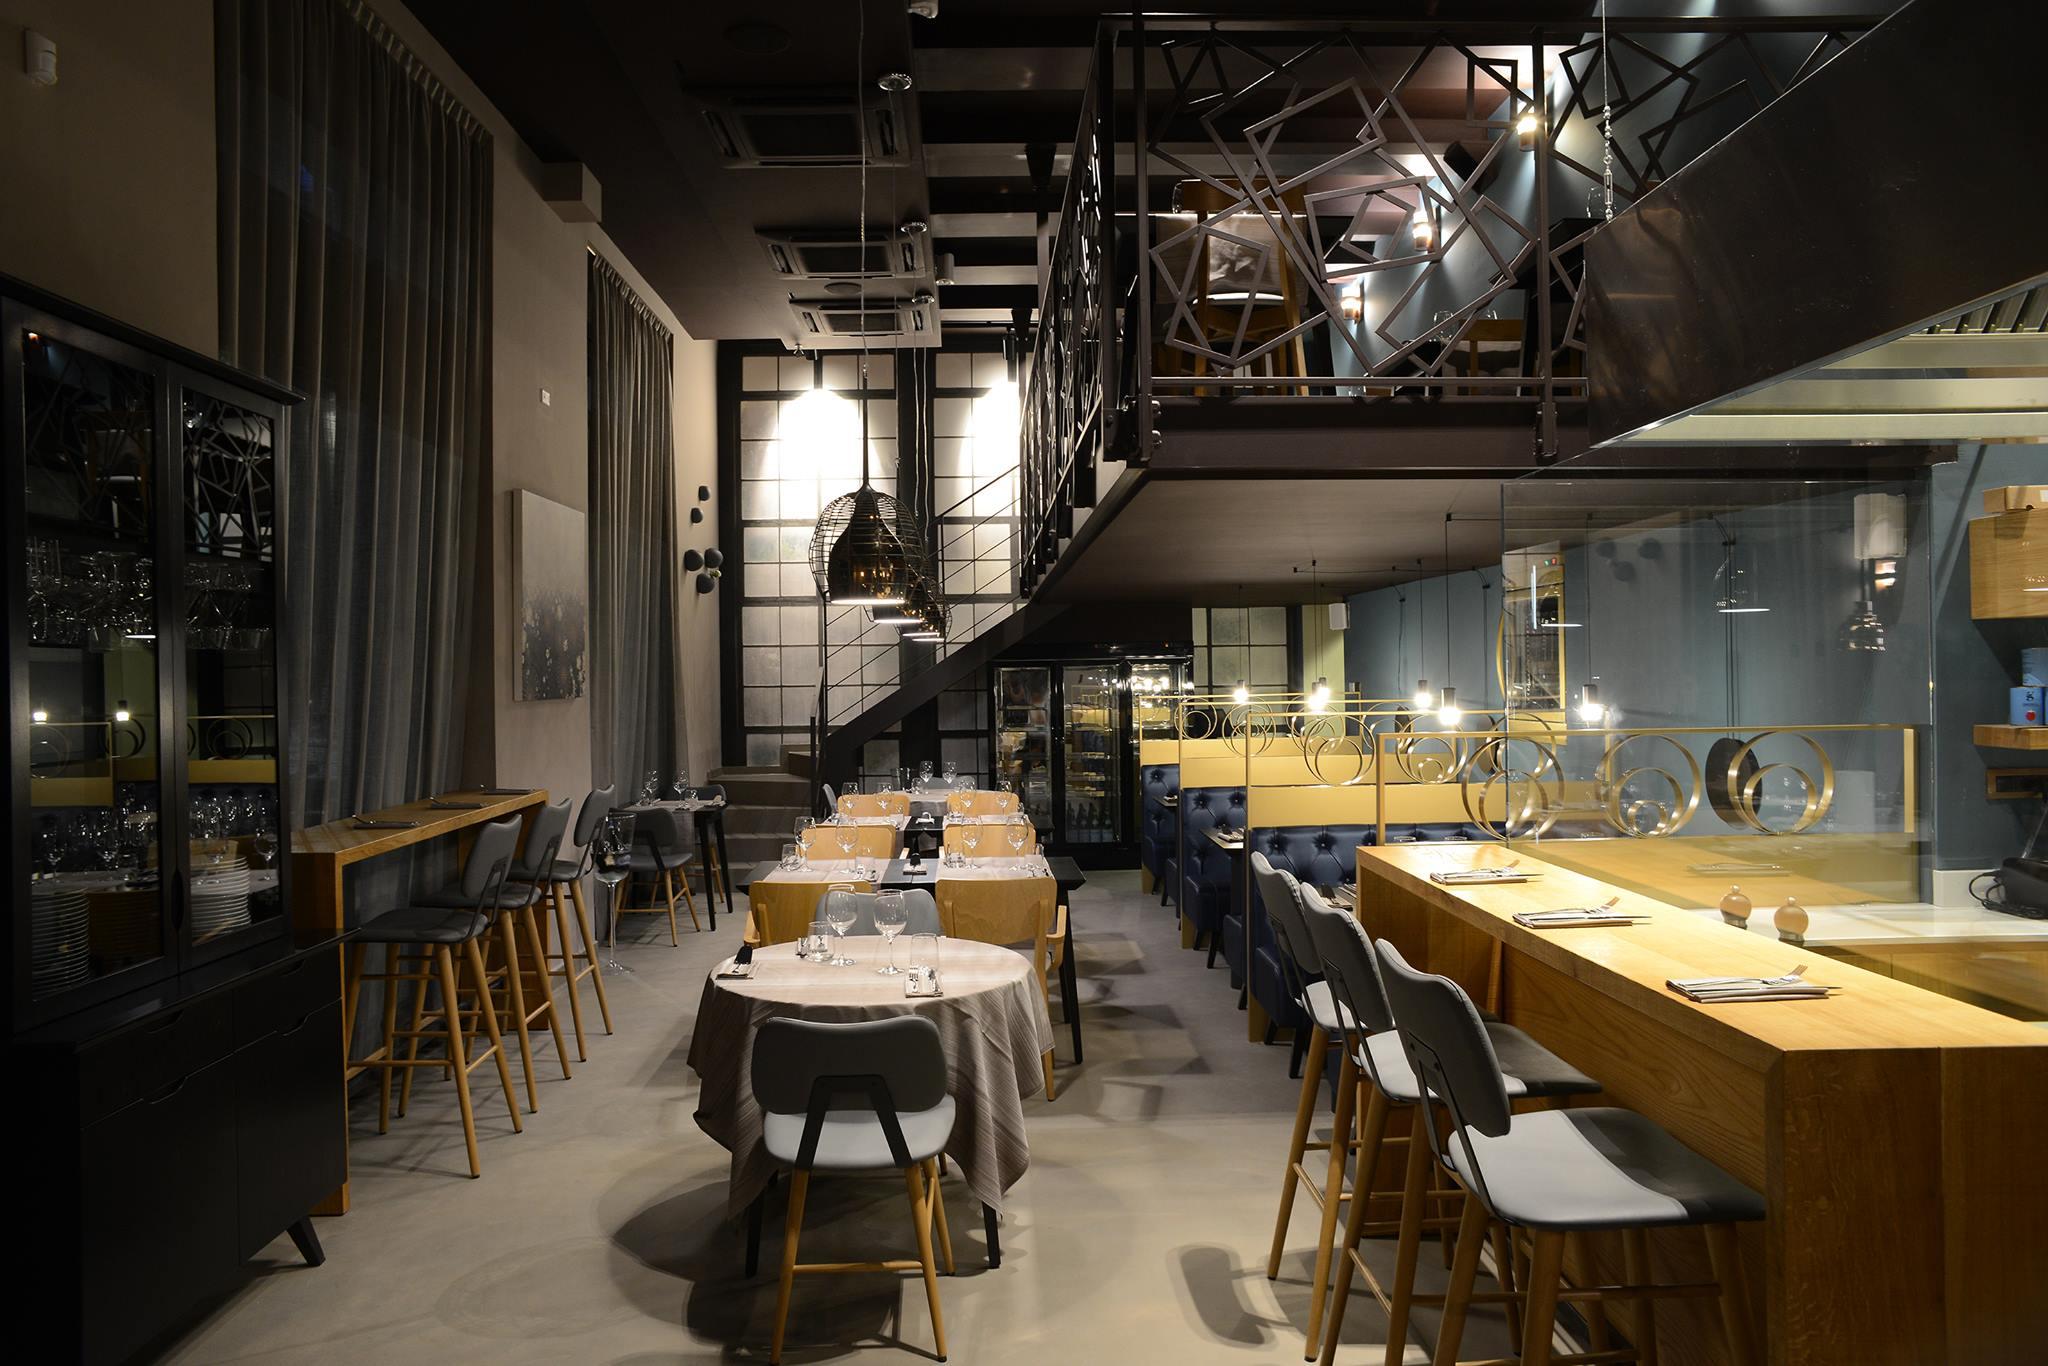 Nuovi ristoranti milano ottobre 2015 for Cucine usate milano